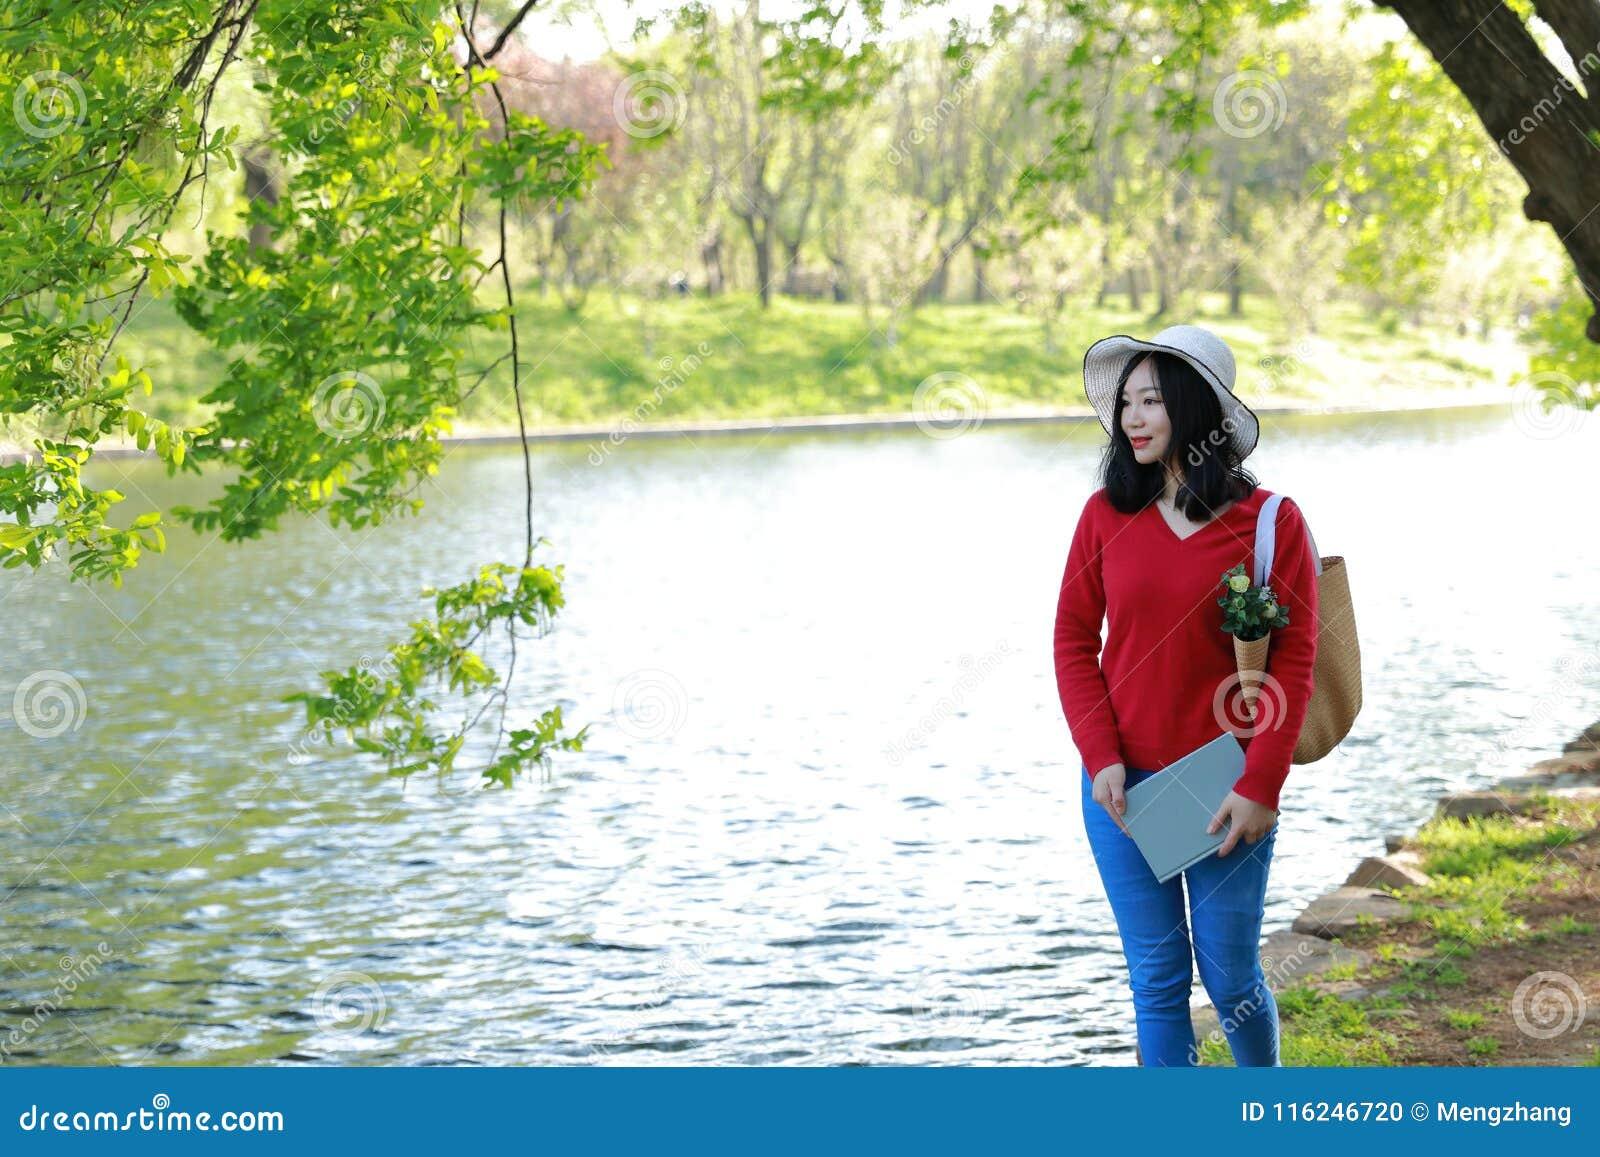 愉快的亚洲中国妇女秀丽女孩微笑由湖读了书步行在森林春天公园坐长凳享有舒适生活